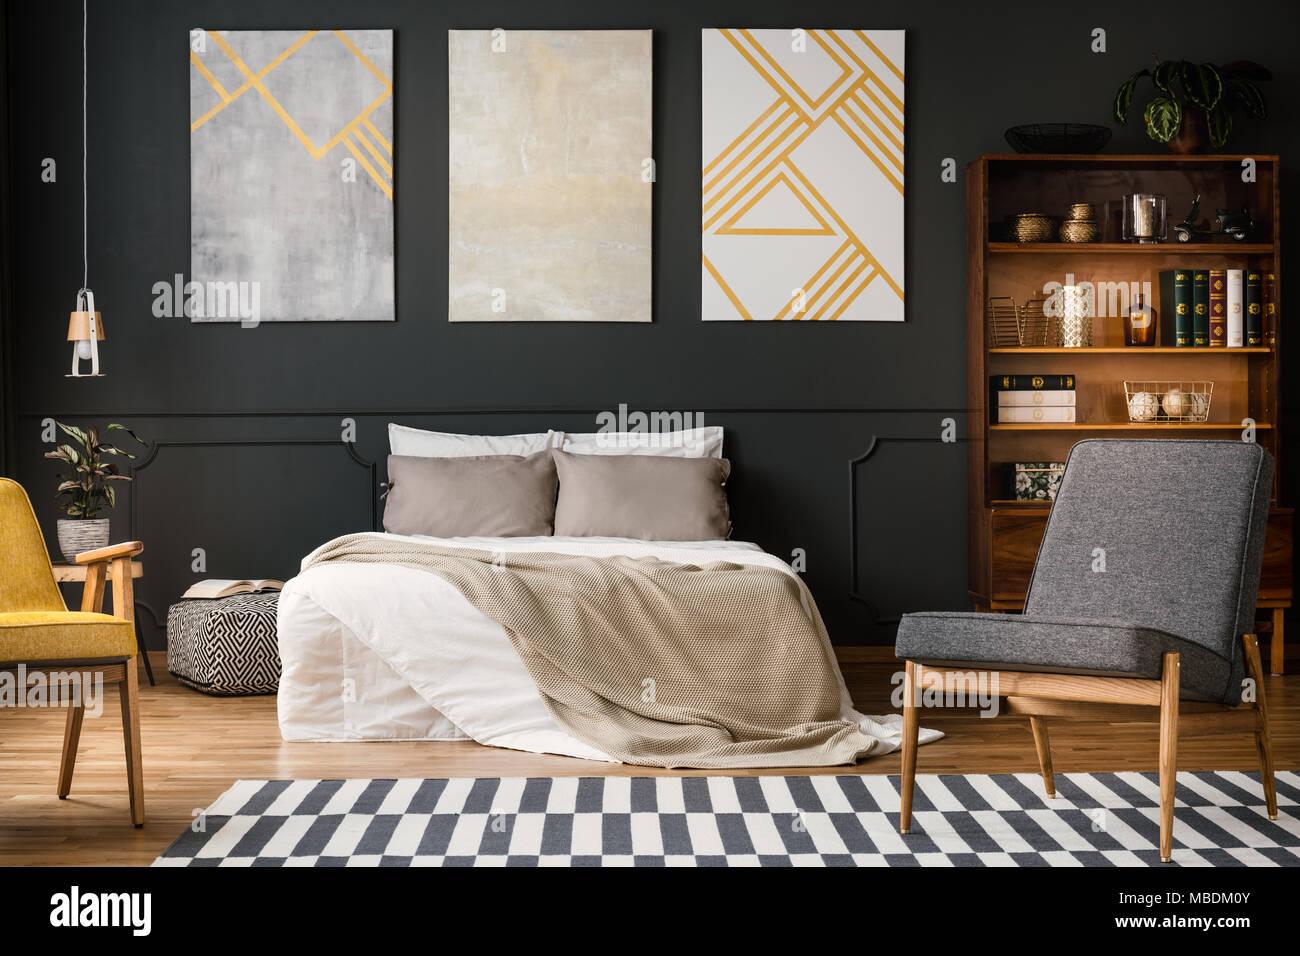 Moderno interiore camera da letto con letto grande il grigio e il bianco tappeto sedie - Camera da letto grande ...